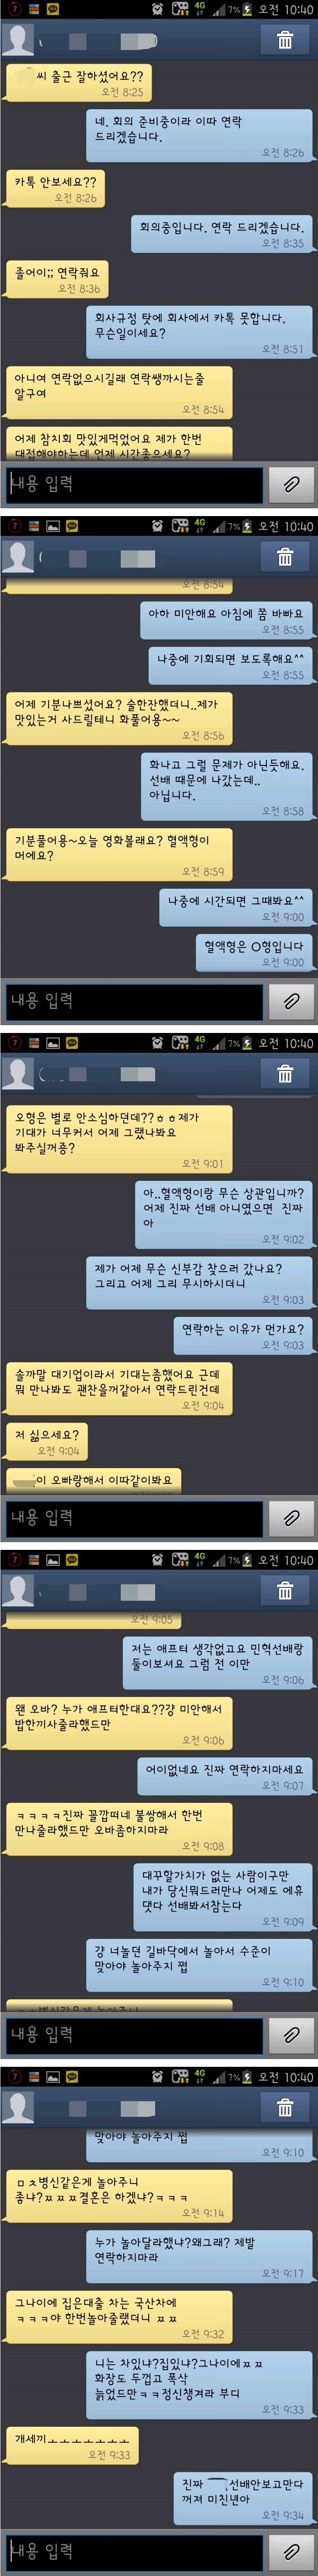 1[18] (1).jpg 흔한 대한민국 남자의 소개팅 후기.jpg